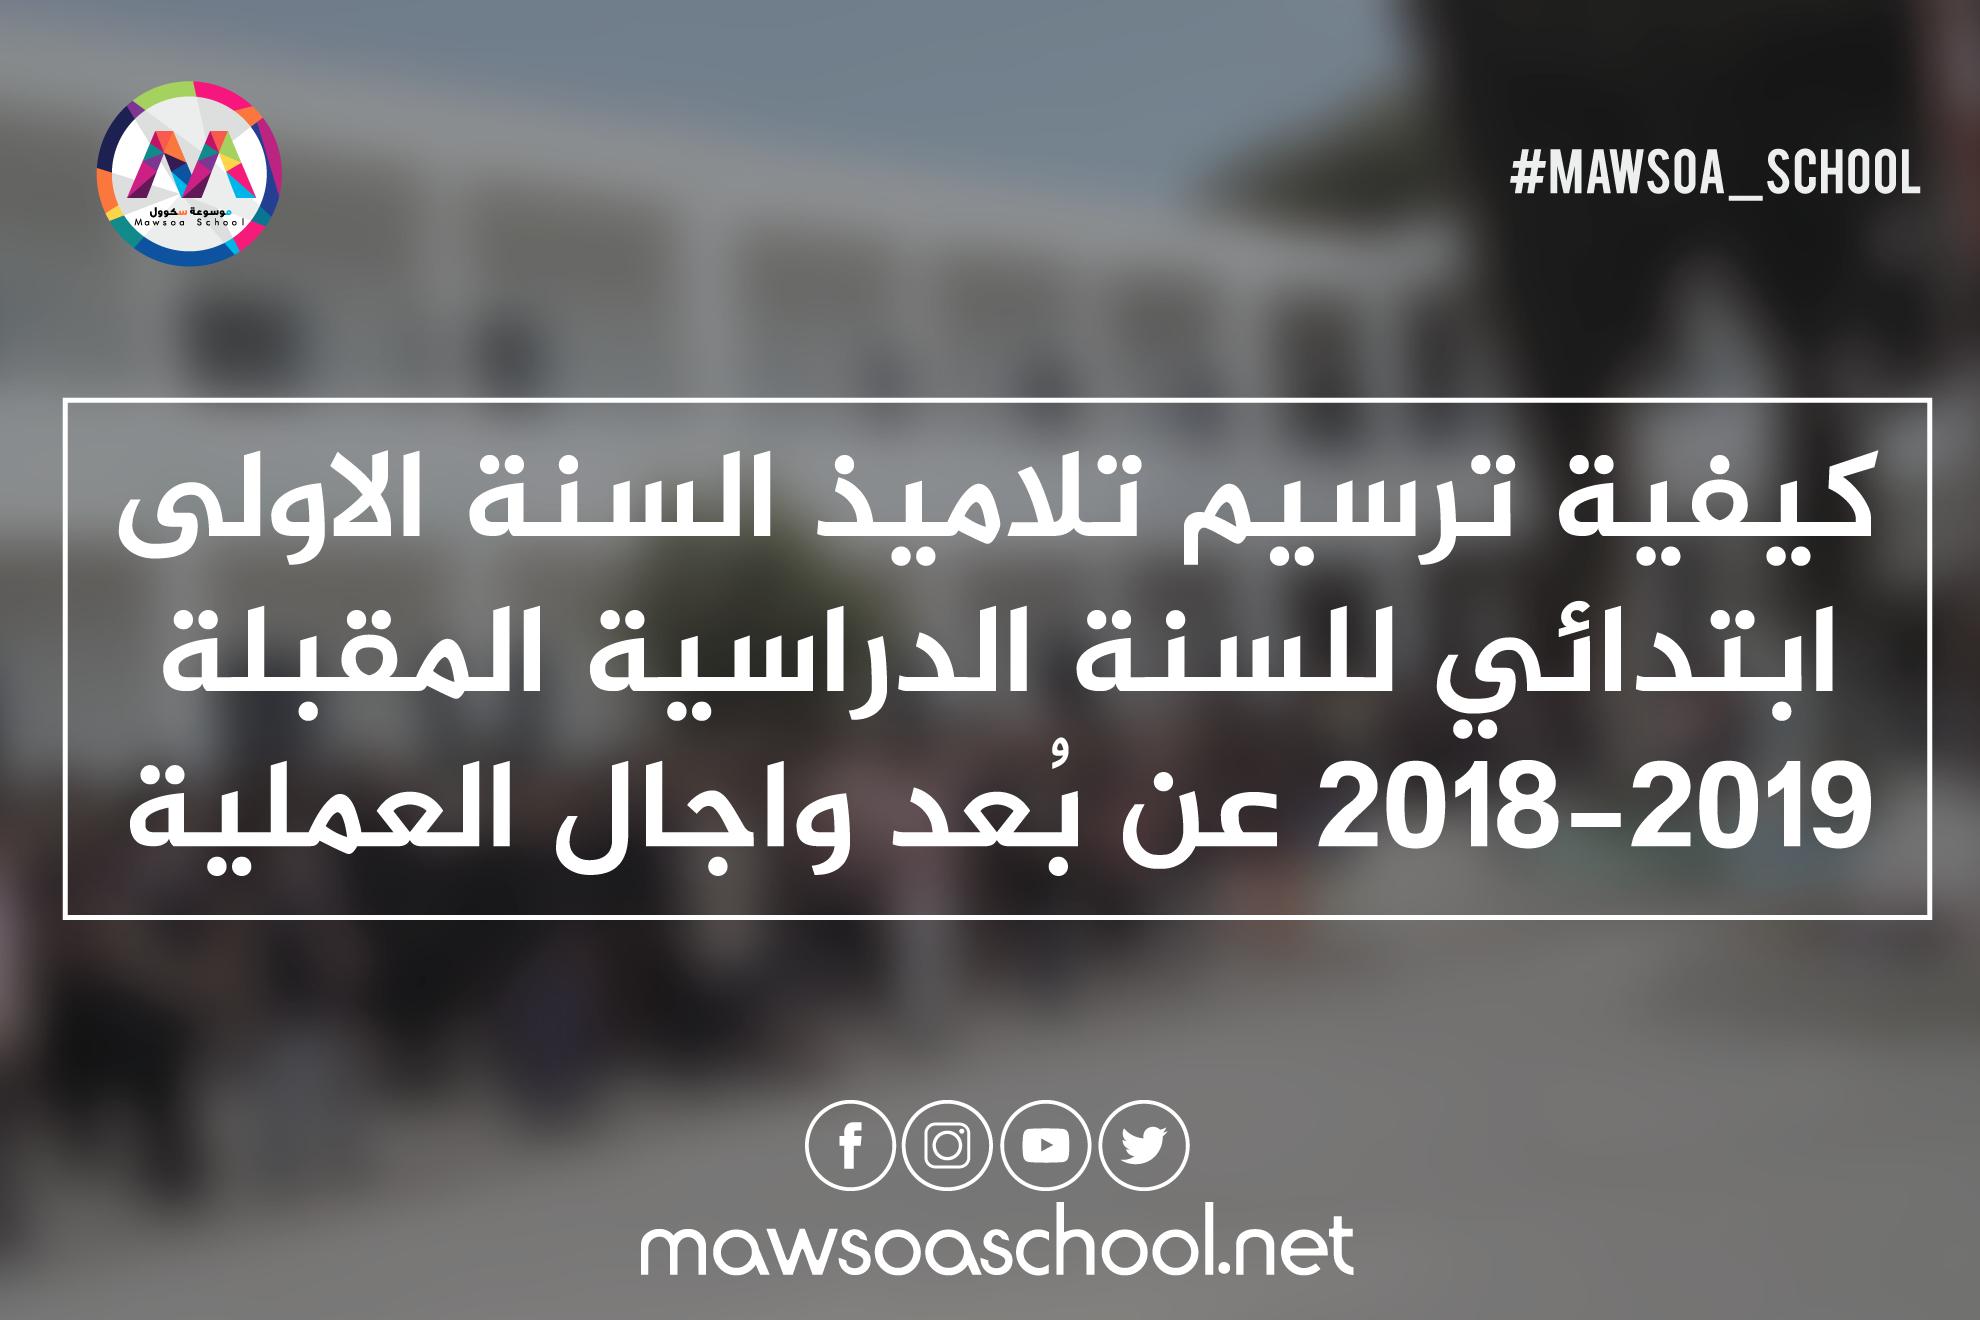 كيفية ترسيم تلاميذ السنة الاولى ابتدائي للسنة الدراسية المقبلة 2018-2019 عن بُعد واجال العملية